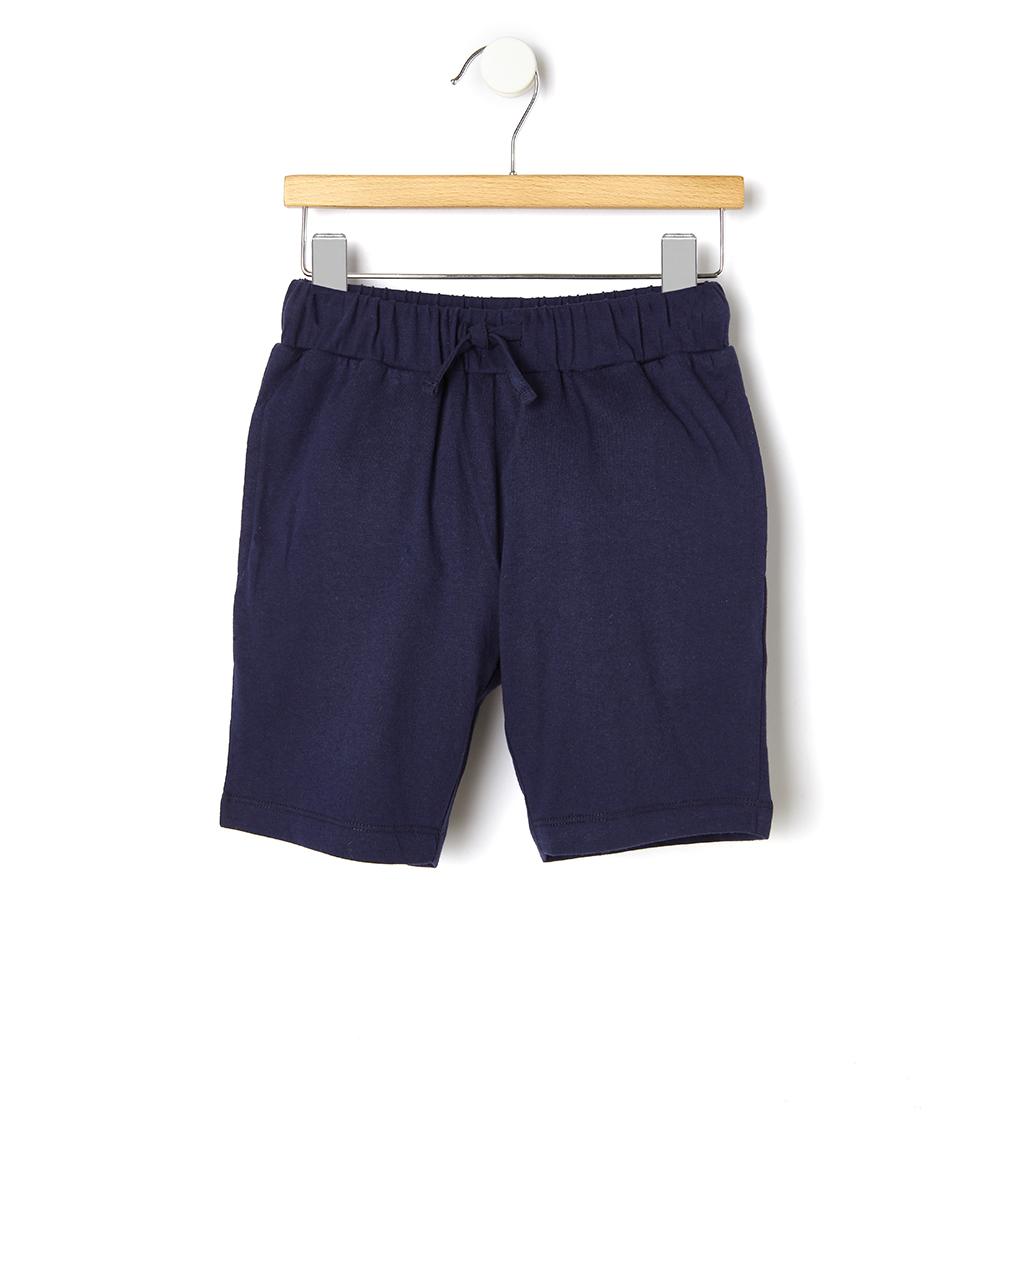 Βερμούδα Jersey Μπλε για Αγόρι